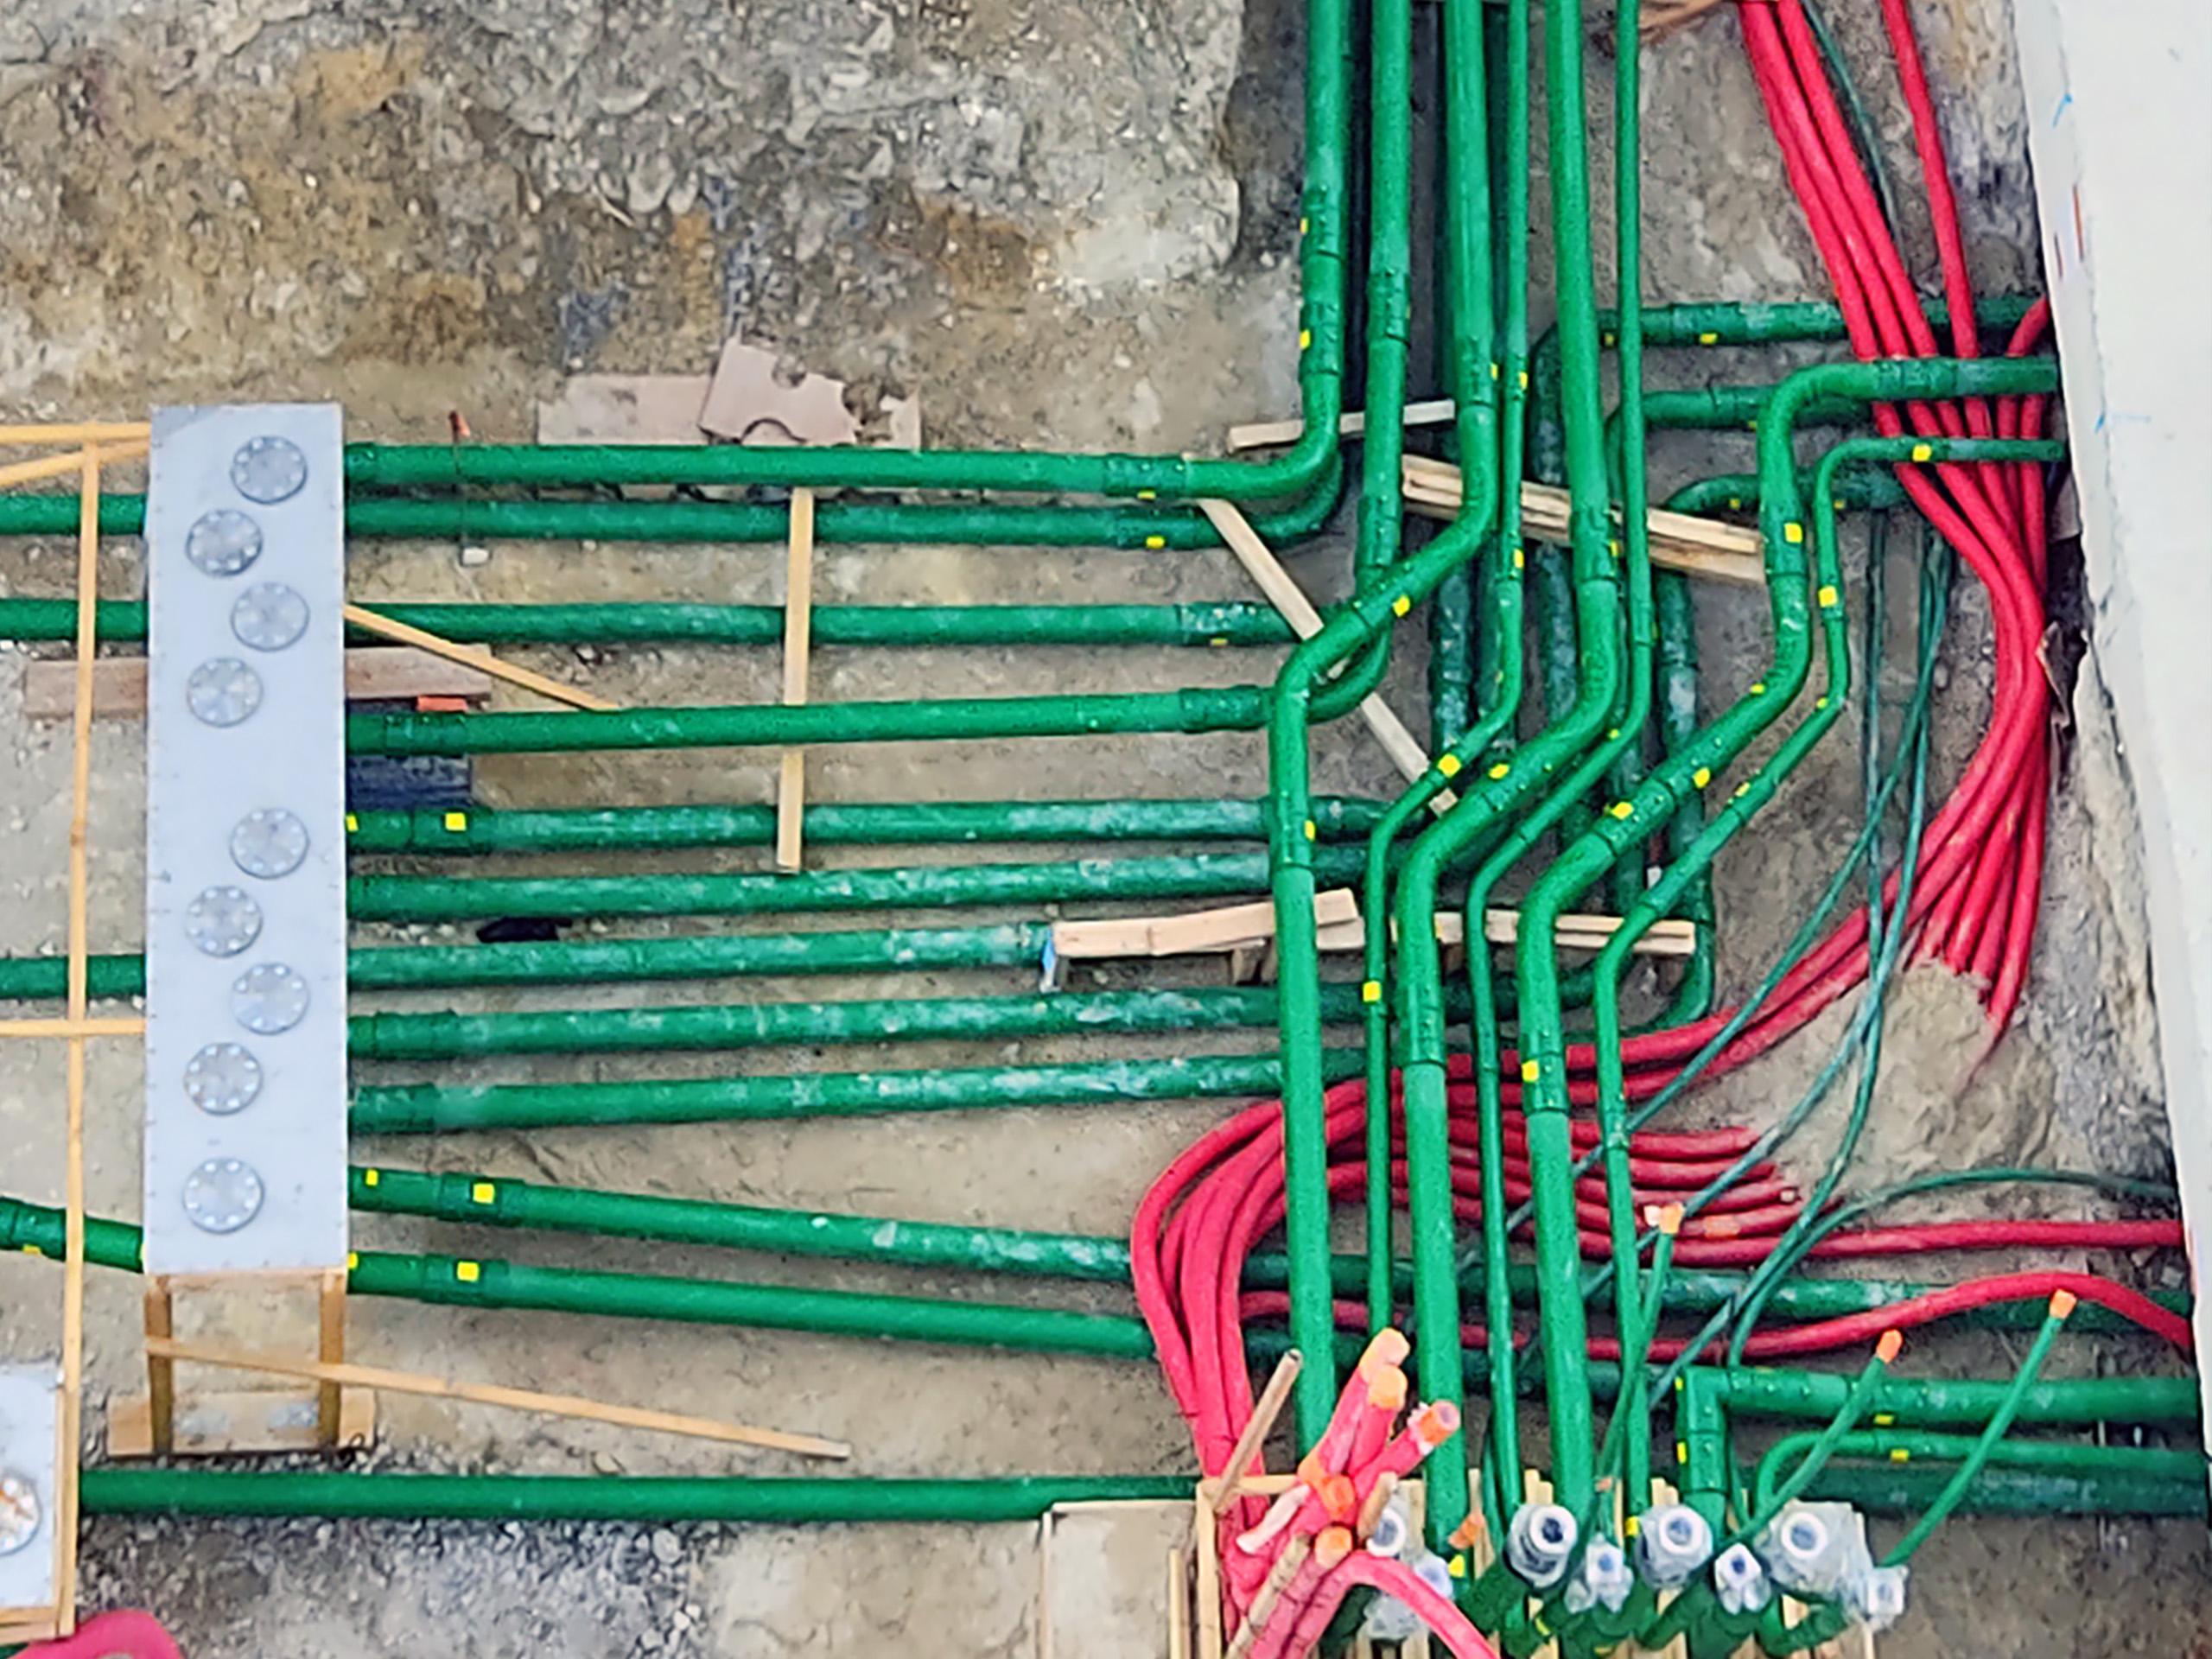 Les tuyaux KPS conducteurs évitent l'accumulation de charges électrostatiques